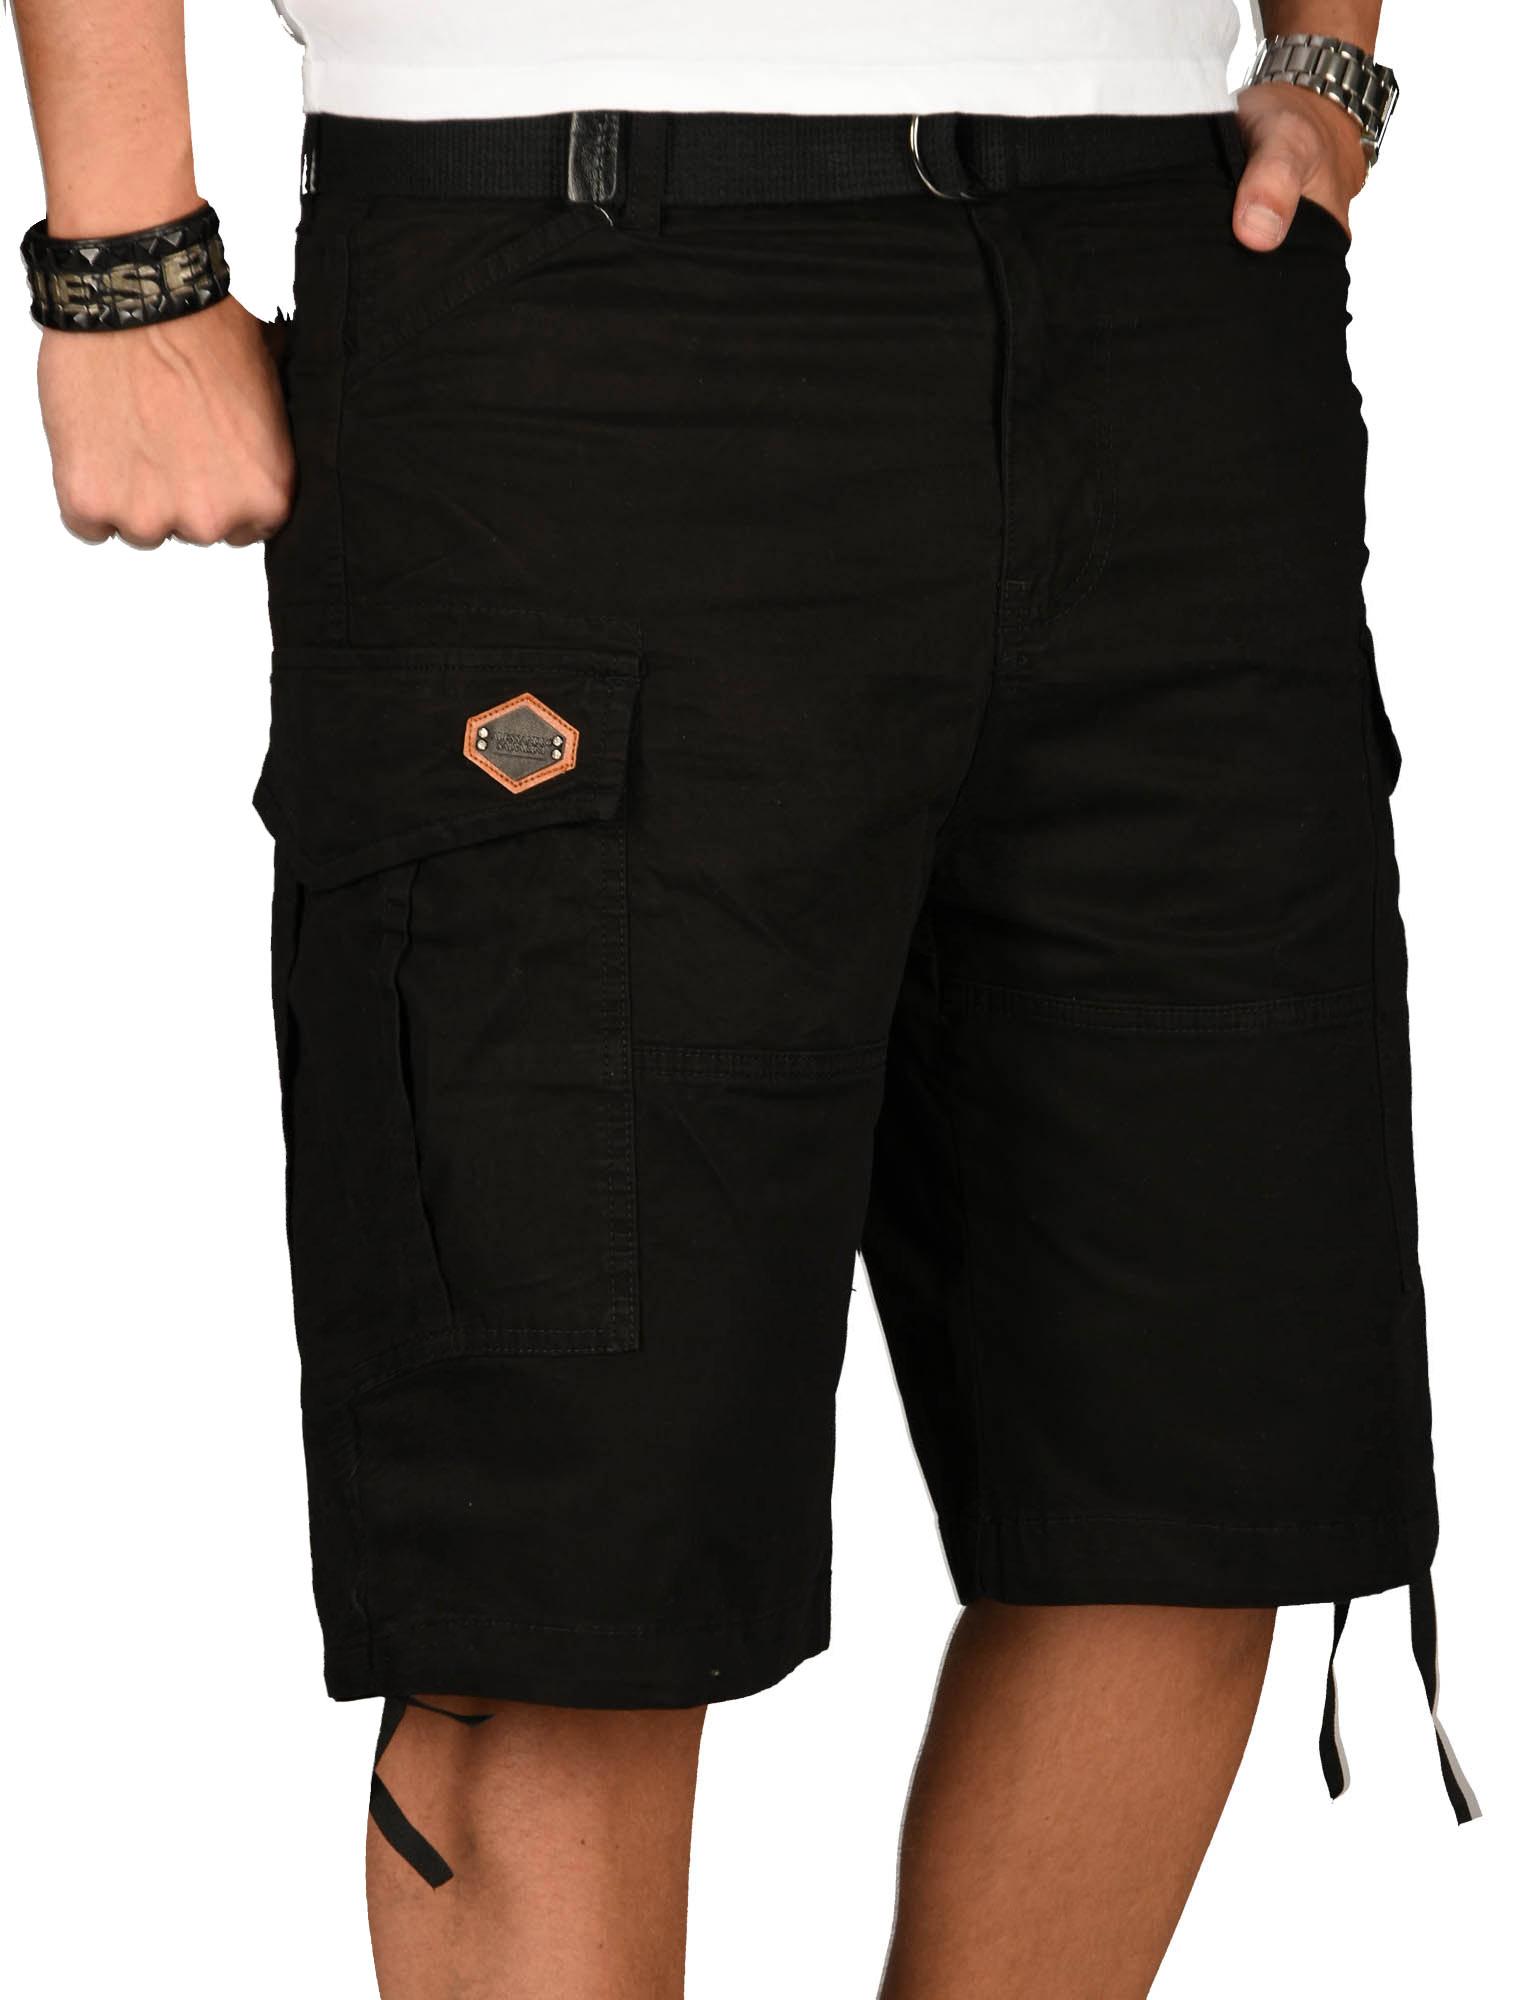 A-Salvarini-Herren-Comfort-Cargo-Shorts-Cargoshorts-kurze-Hose-Guertel-AS133-NEU Indexbild 3